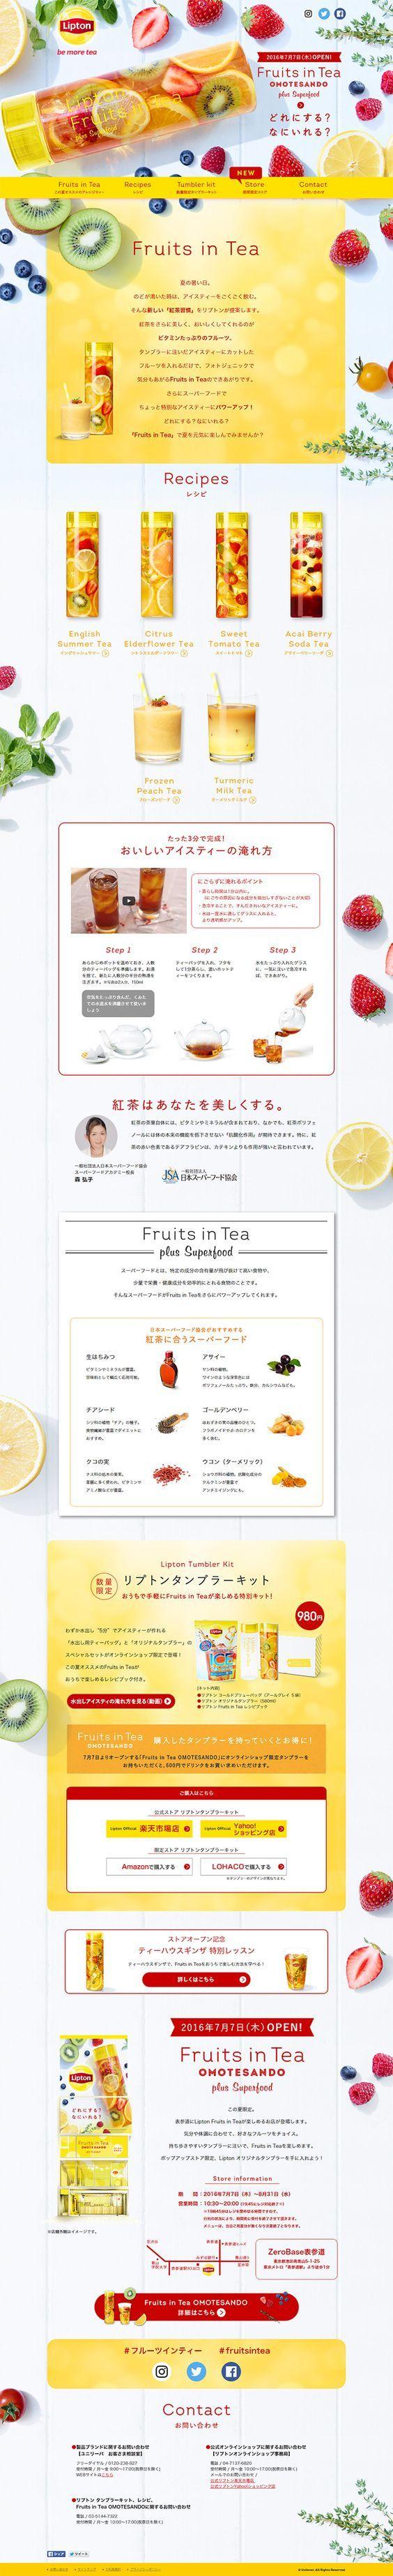 Lipton Fruits in Tea【飲料・お酒関連】のLPデザイン。WEBデザイナーさん必見!ランディングページのデザイン参考に(シンプル系)